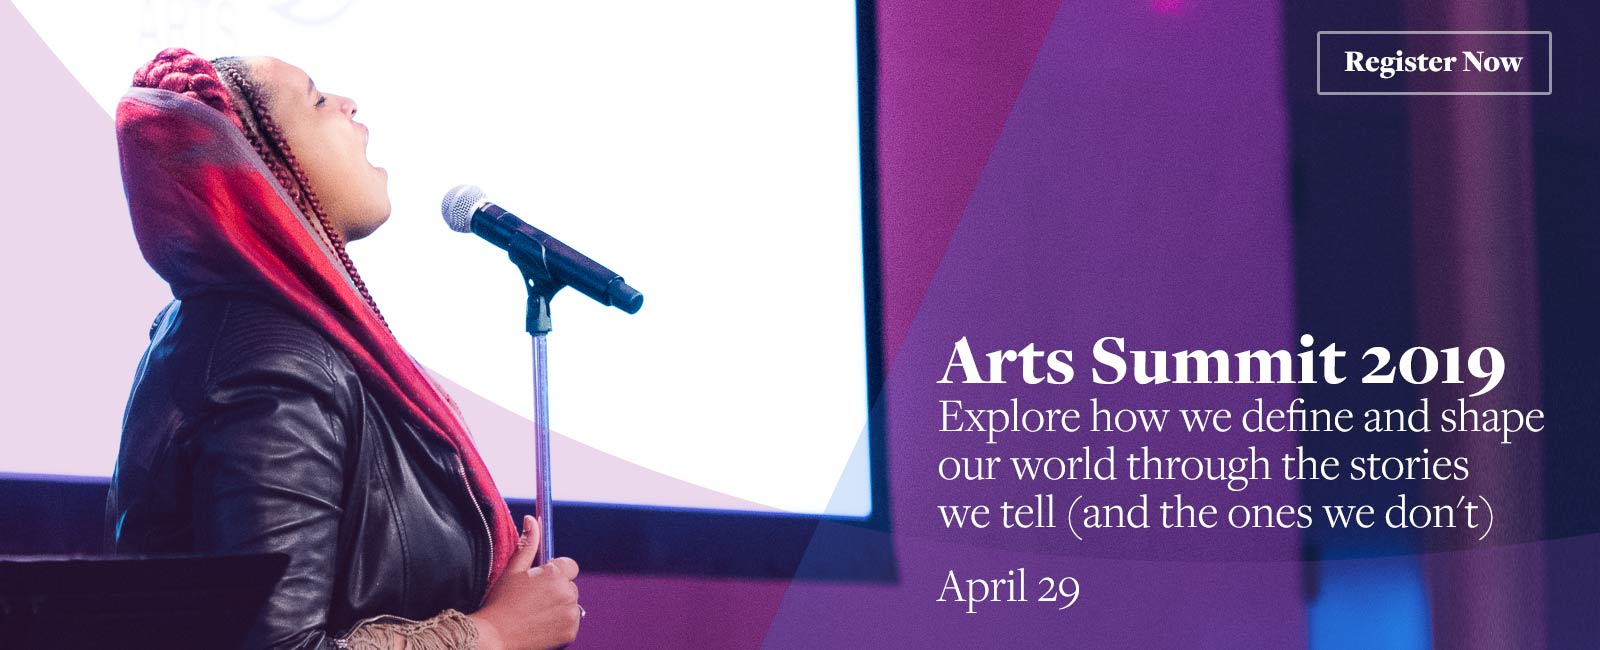 Arts Summit 2019